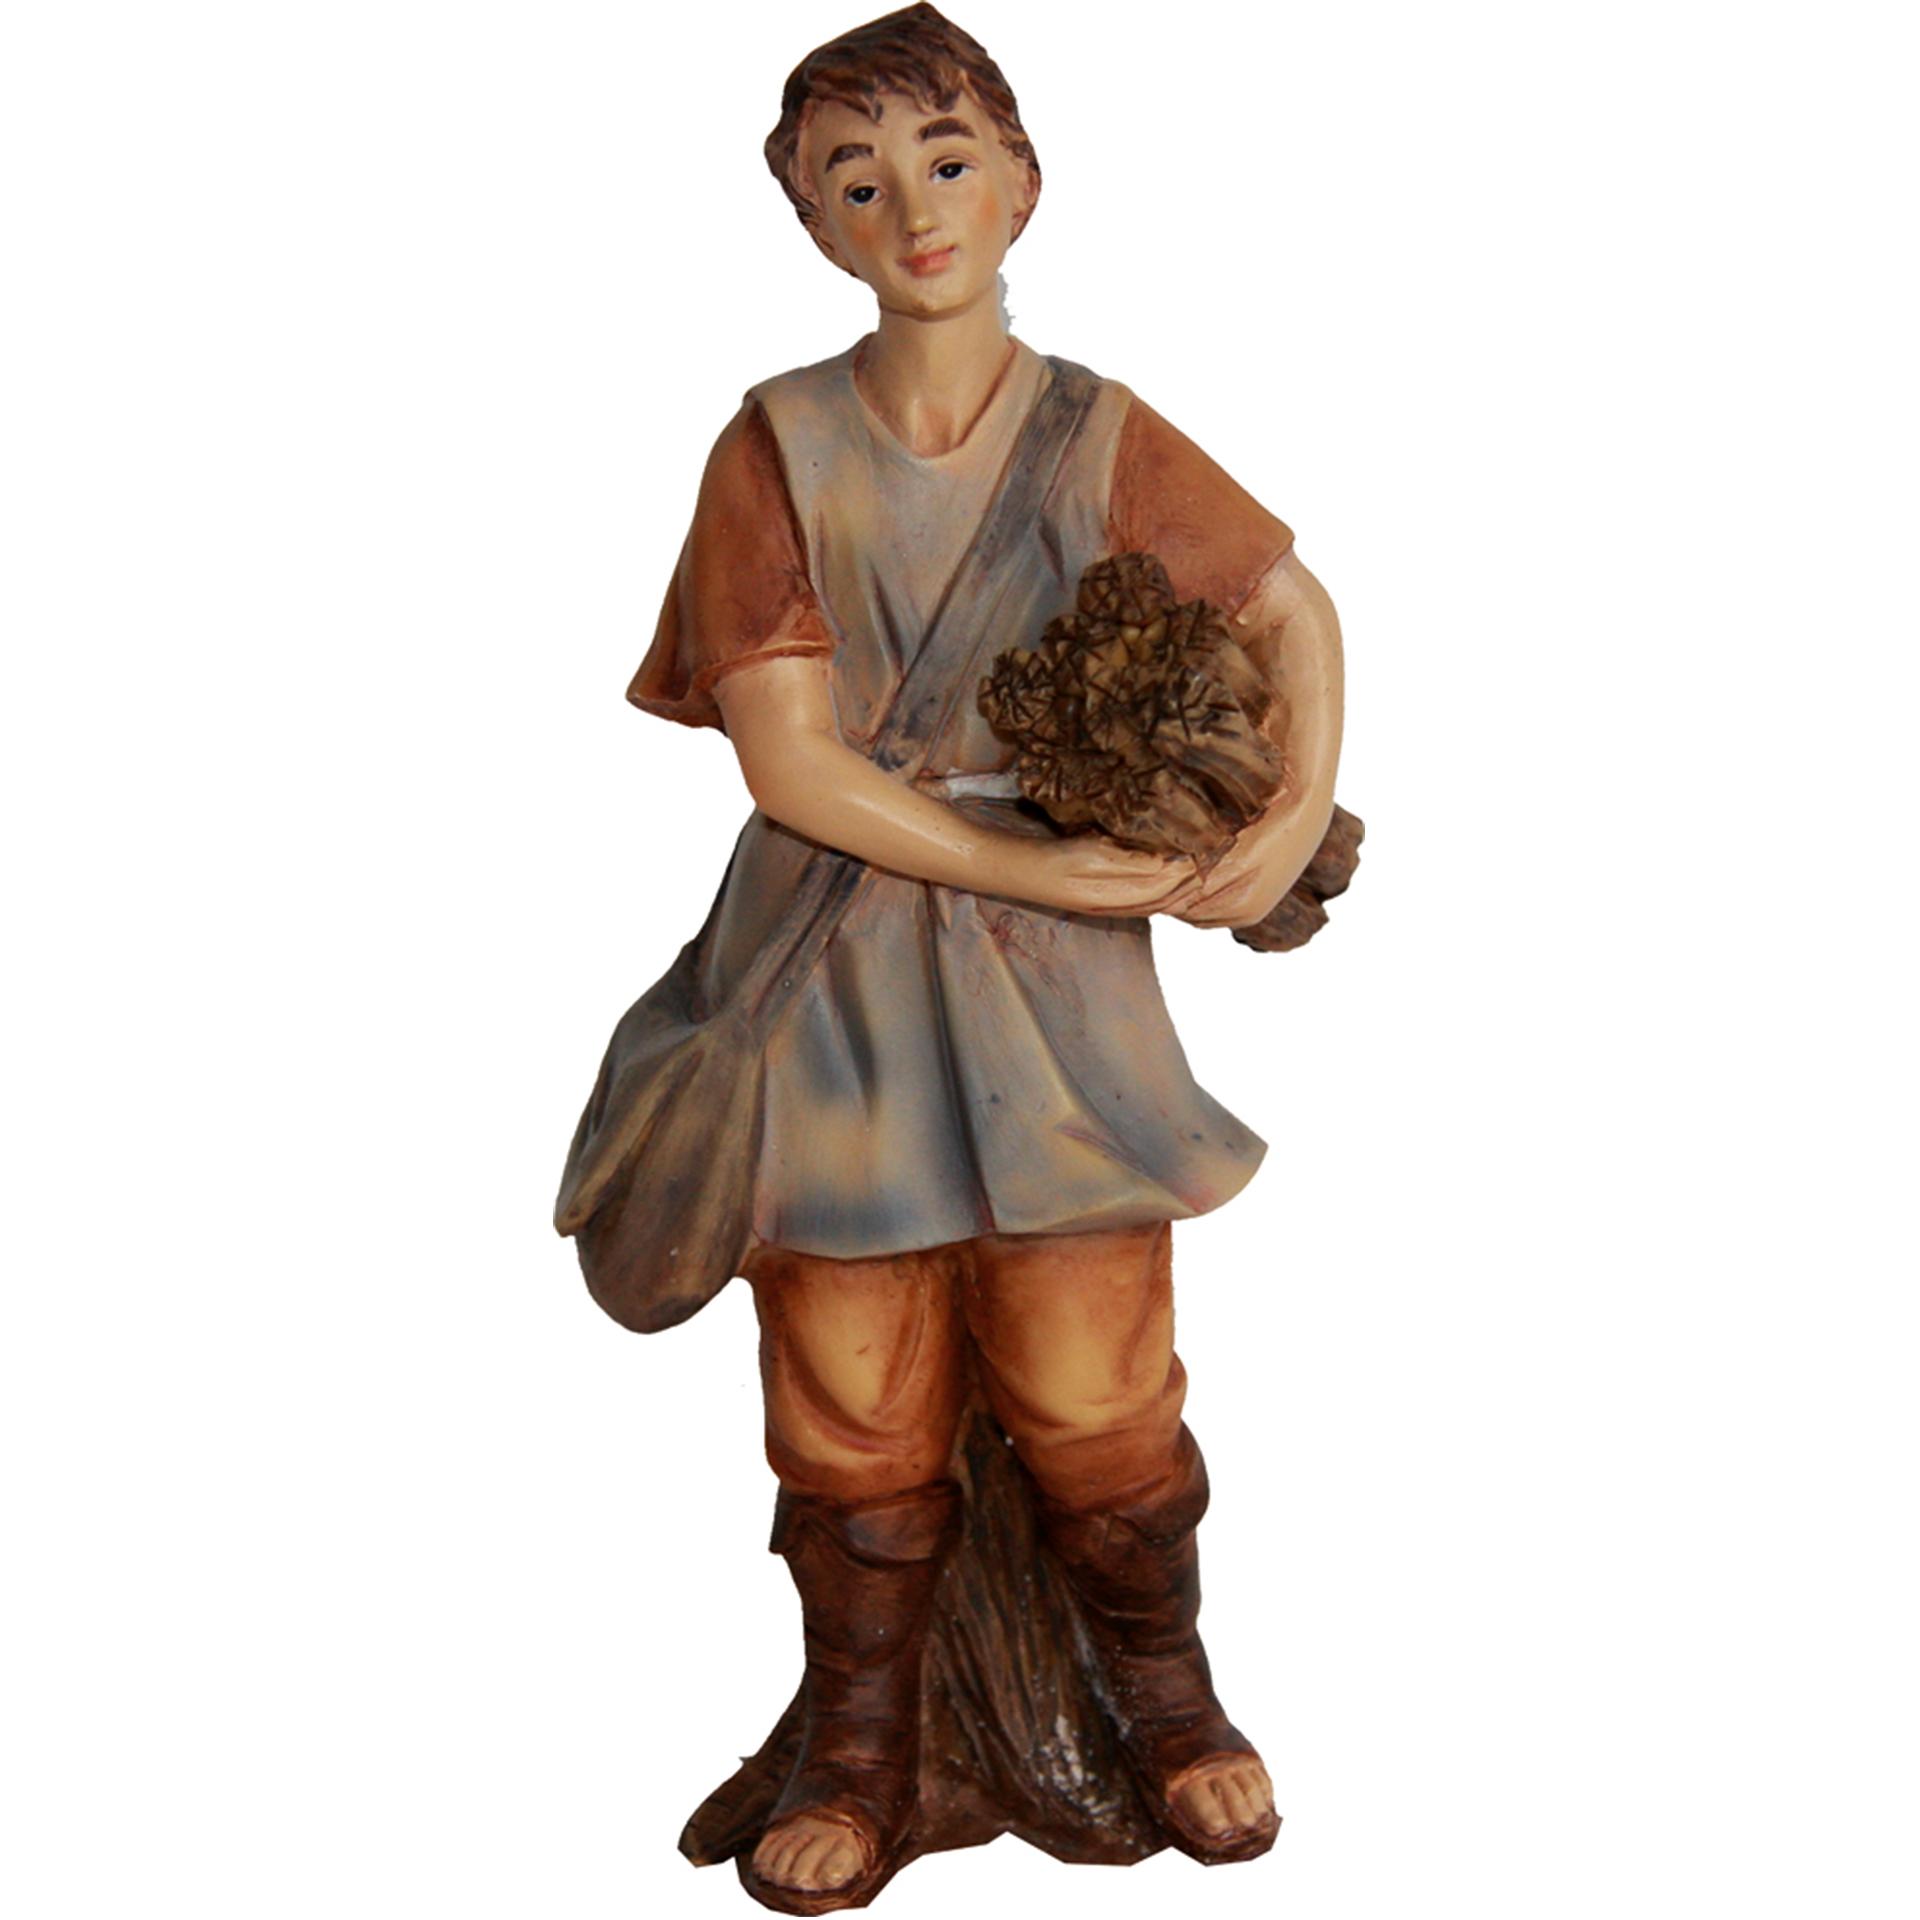 Krippenfigur Junge mit Holz Zusatzfigur